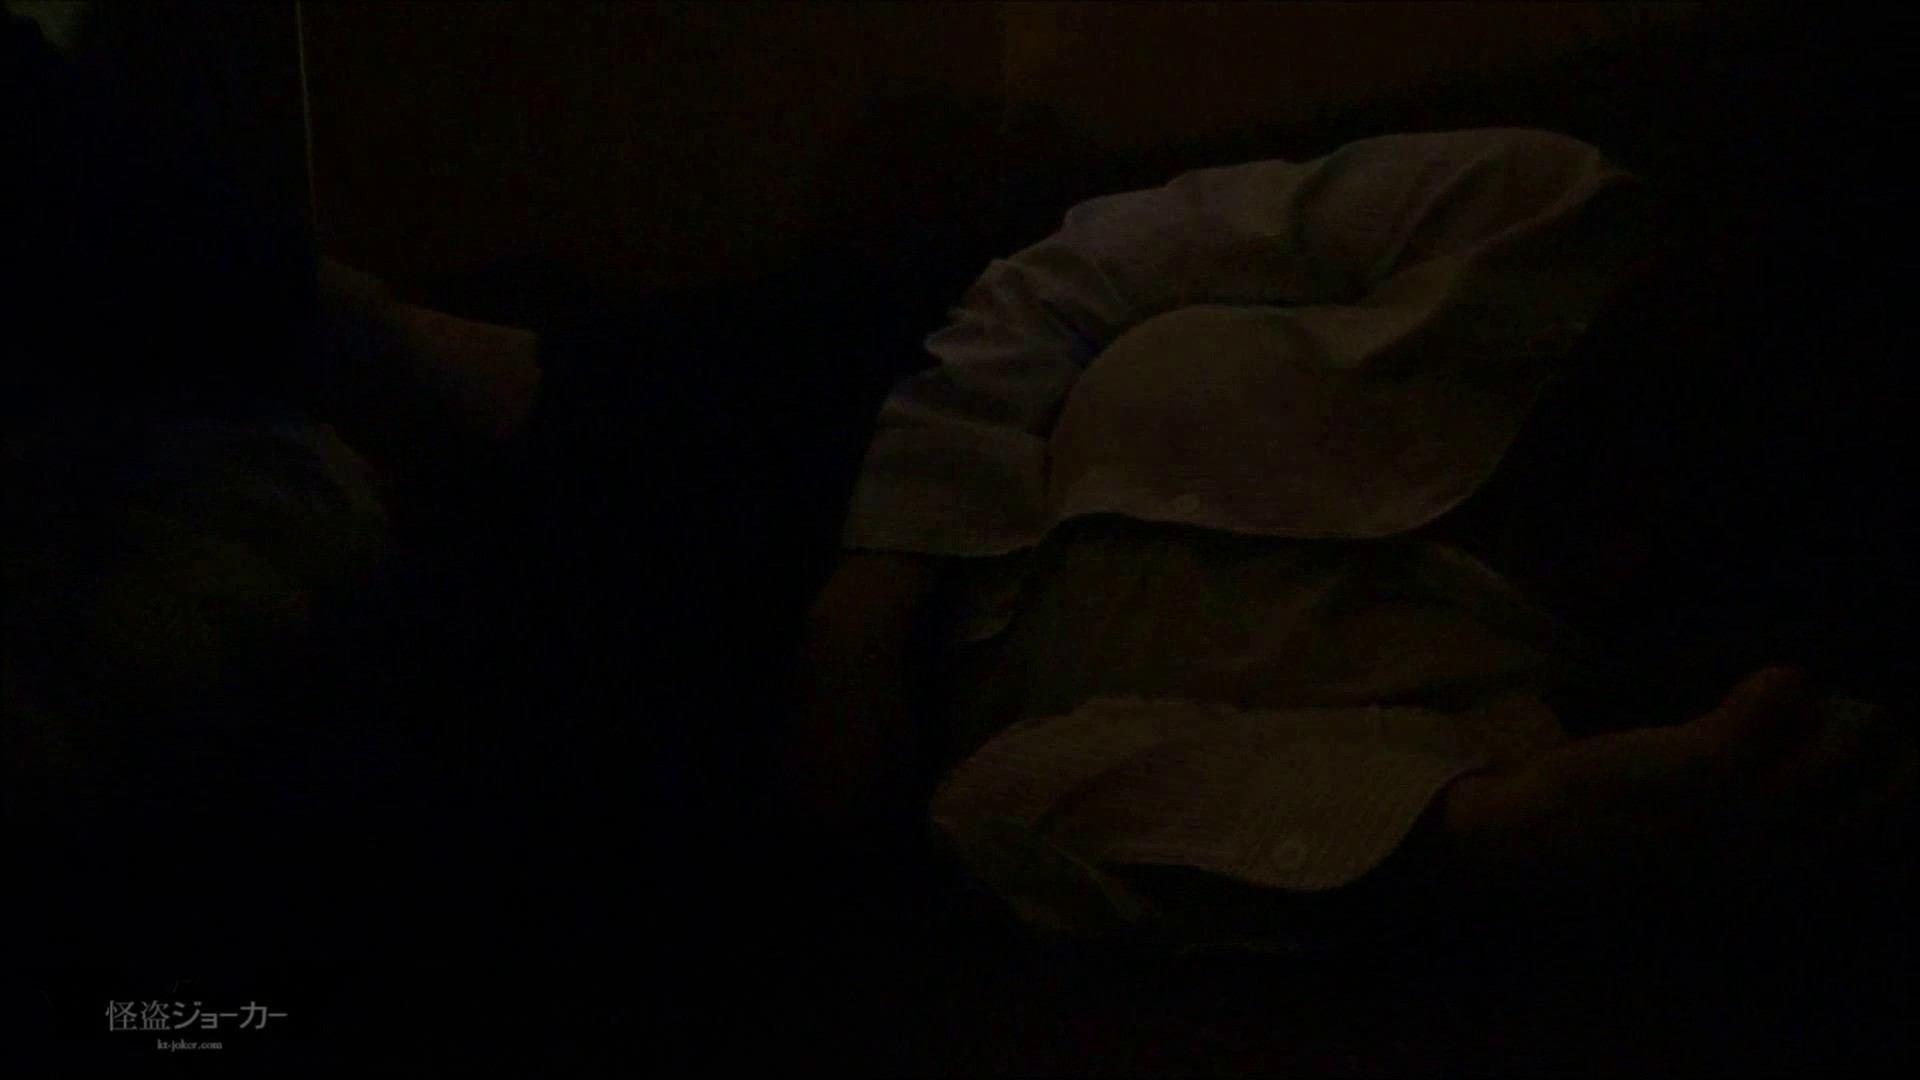 【未公開】vol.100 {5人の無警戒女たち}終電を逃した末路ww 高画質動画 SEX無修正画像 89画像 38